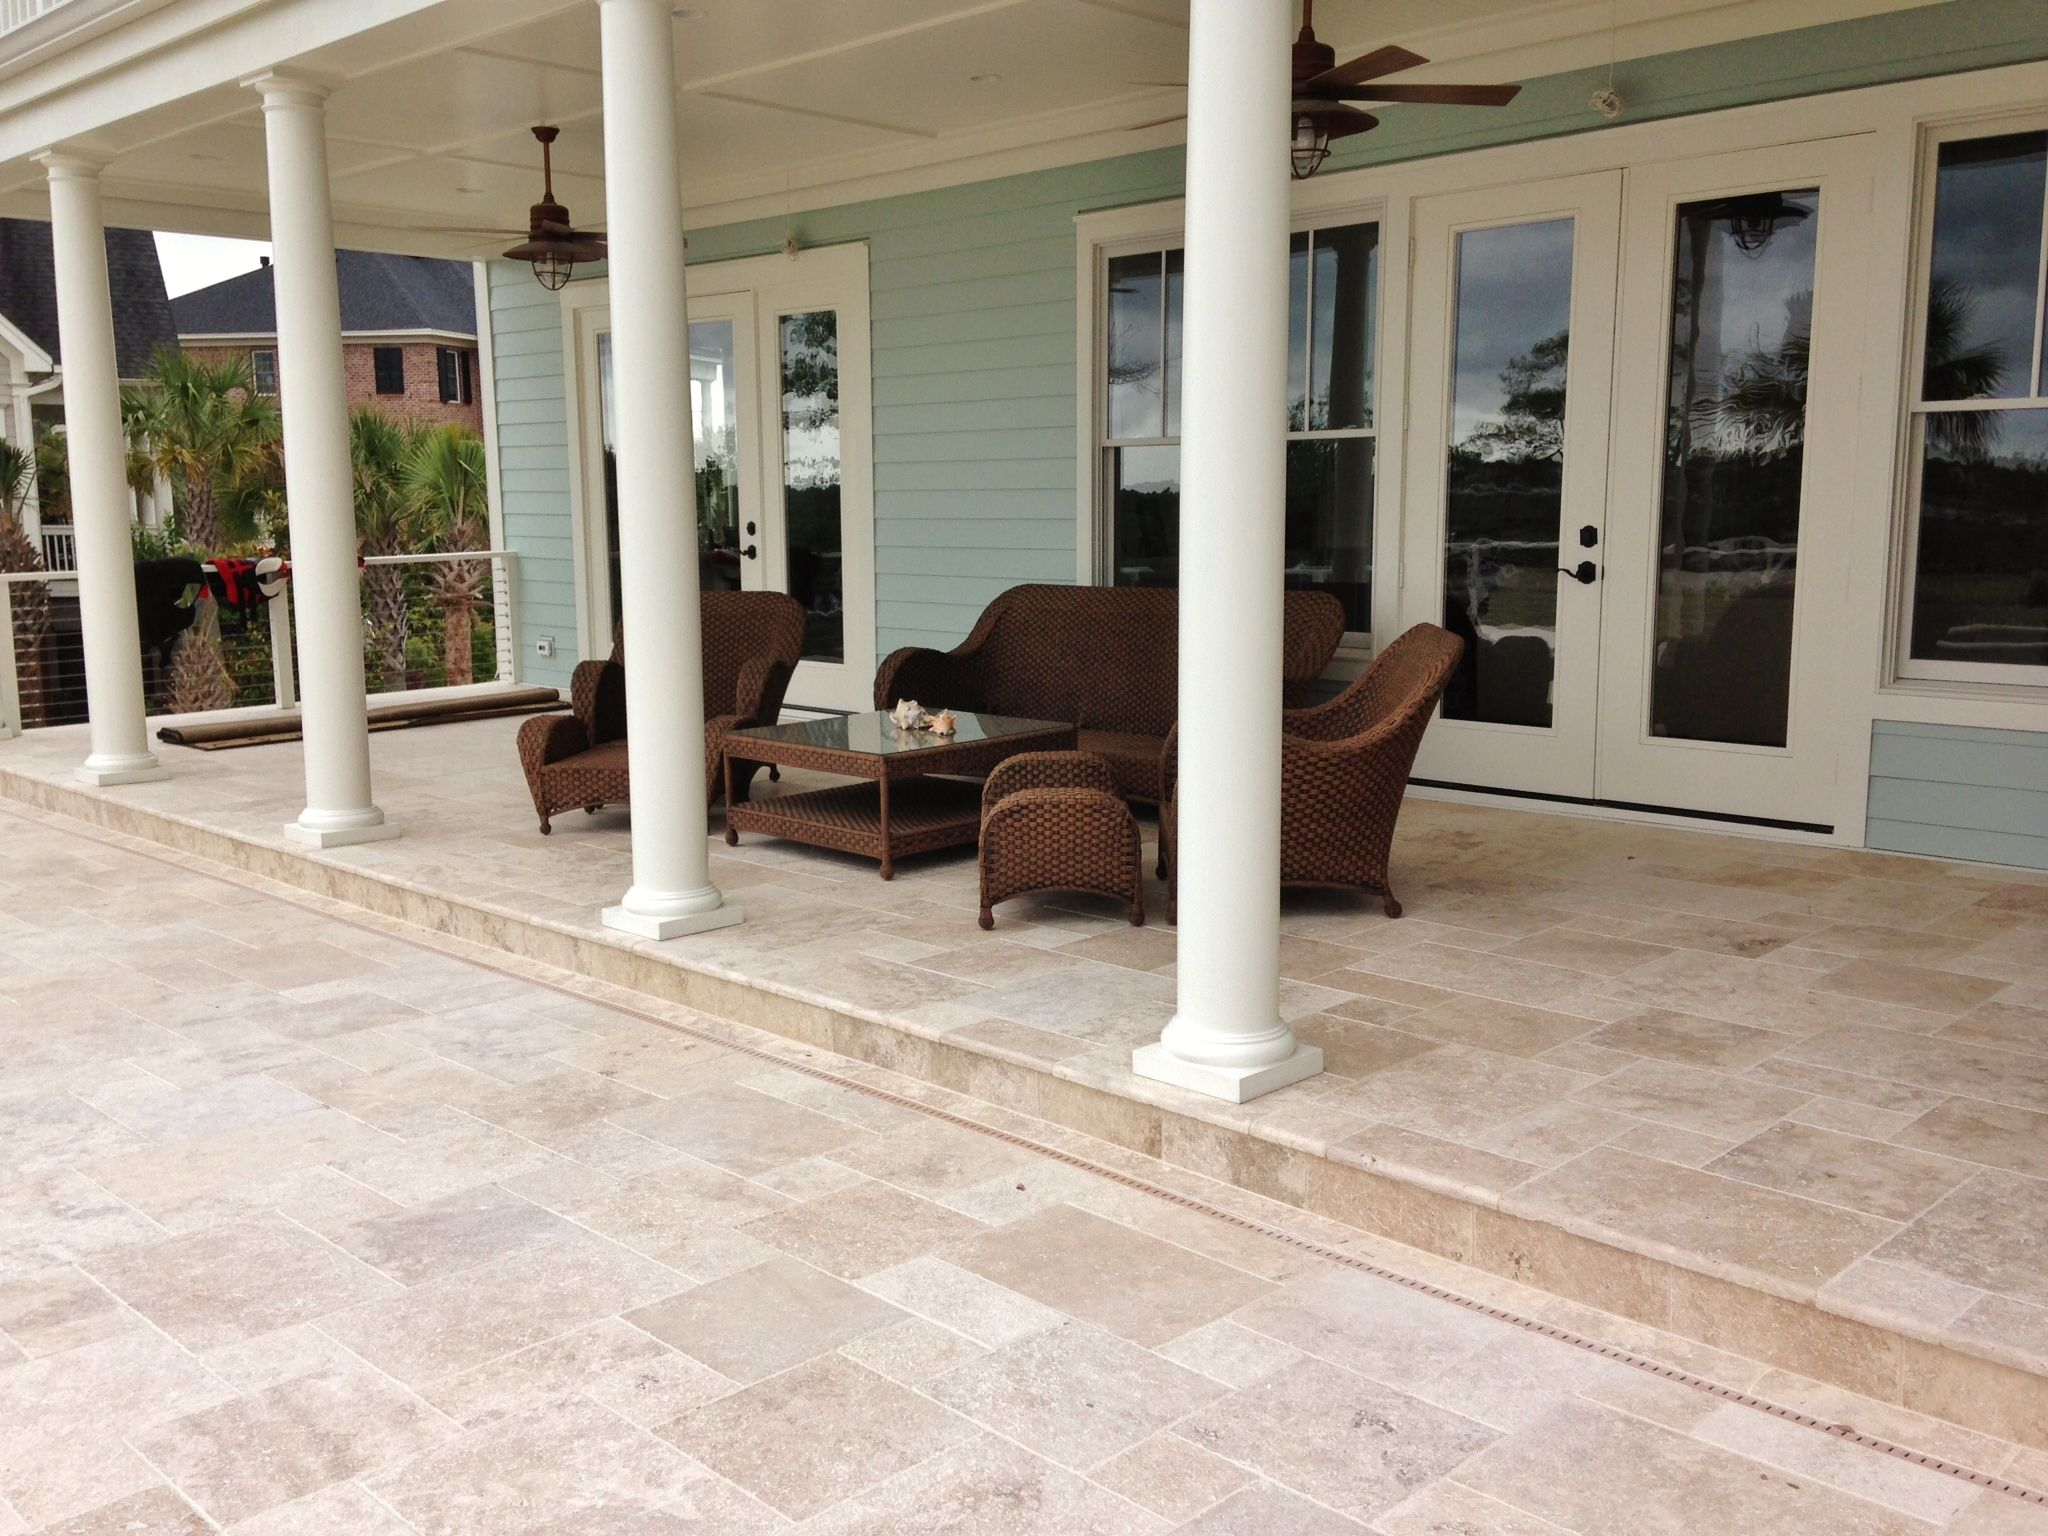 travertine pool deck set in versaille pattern | tile jobs we've